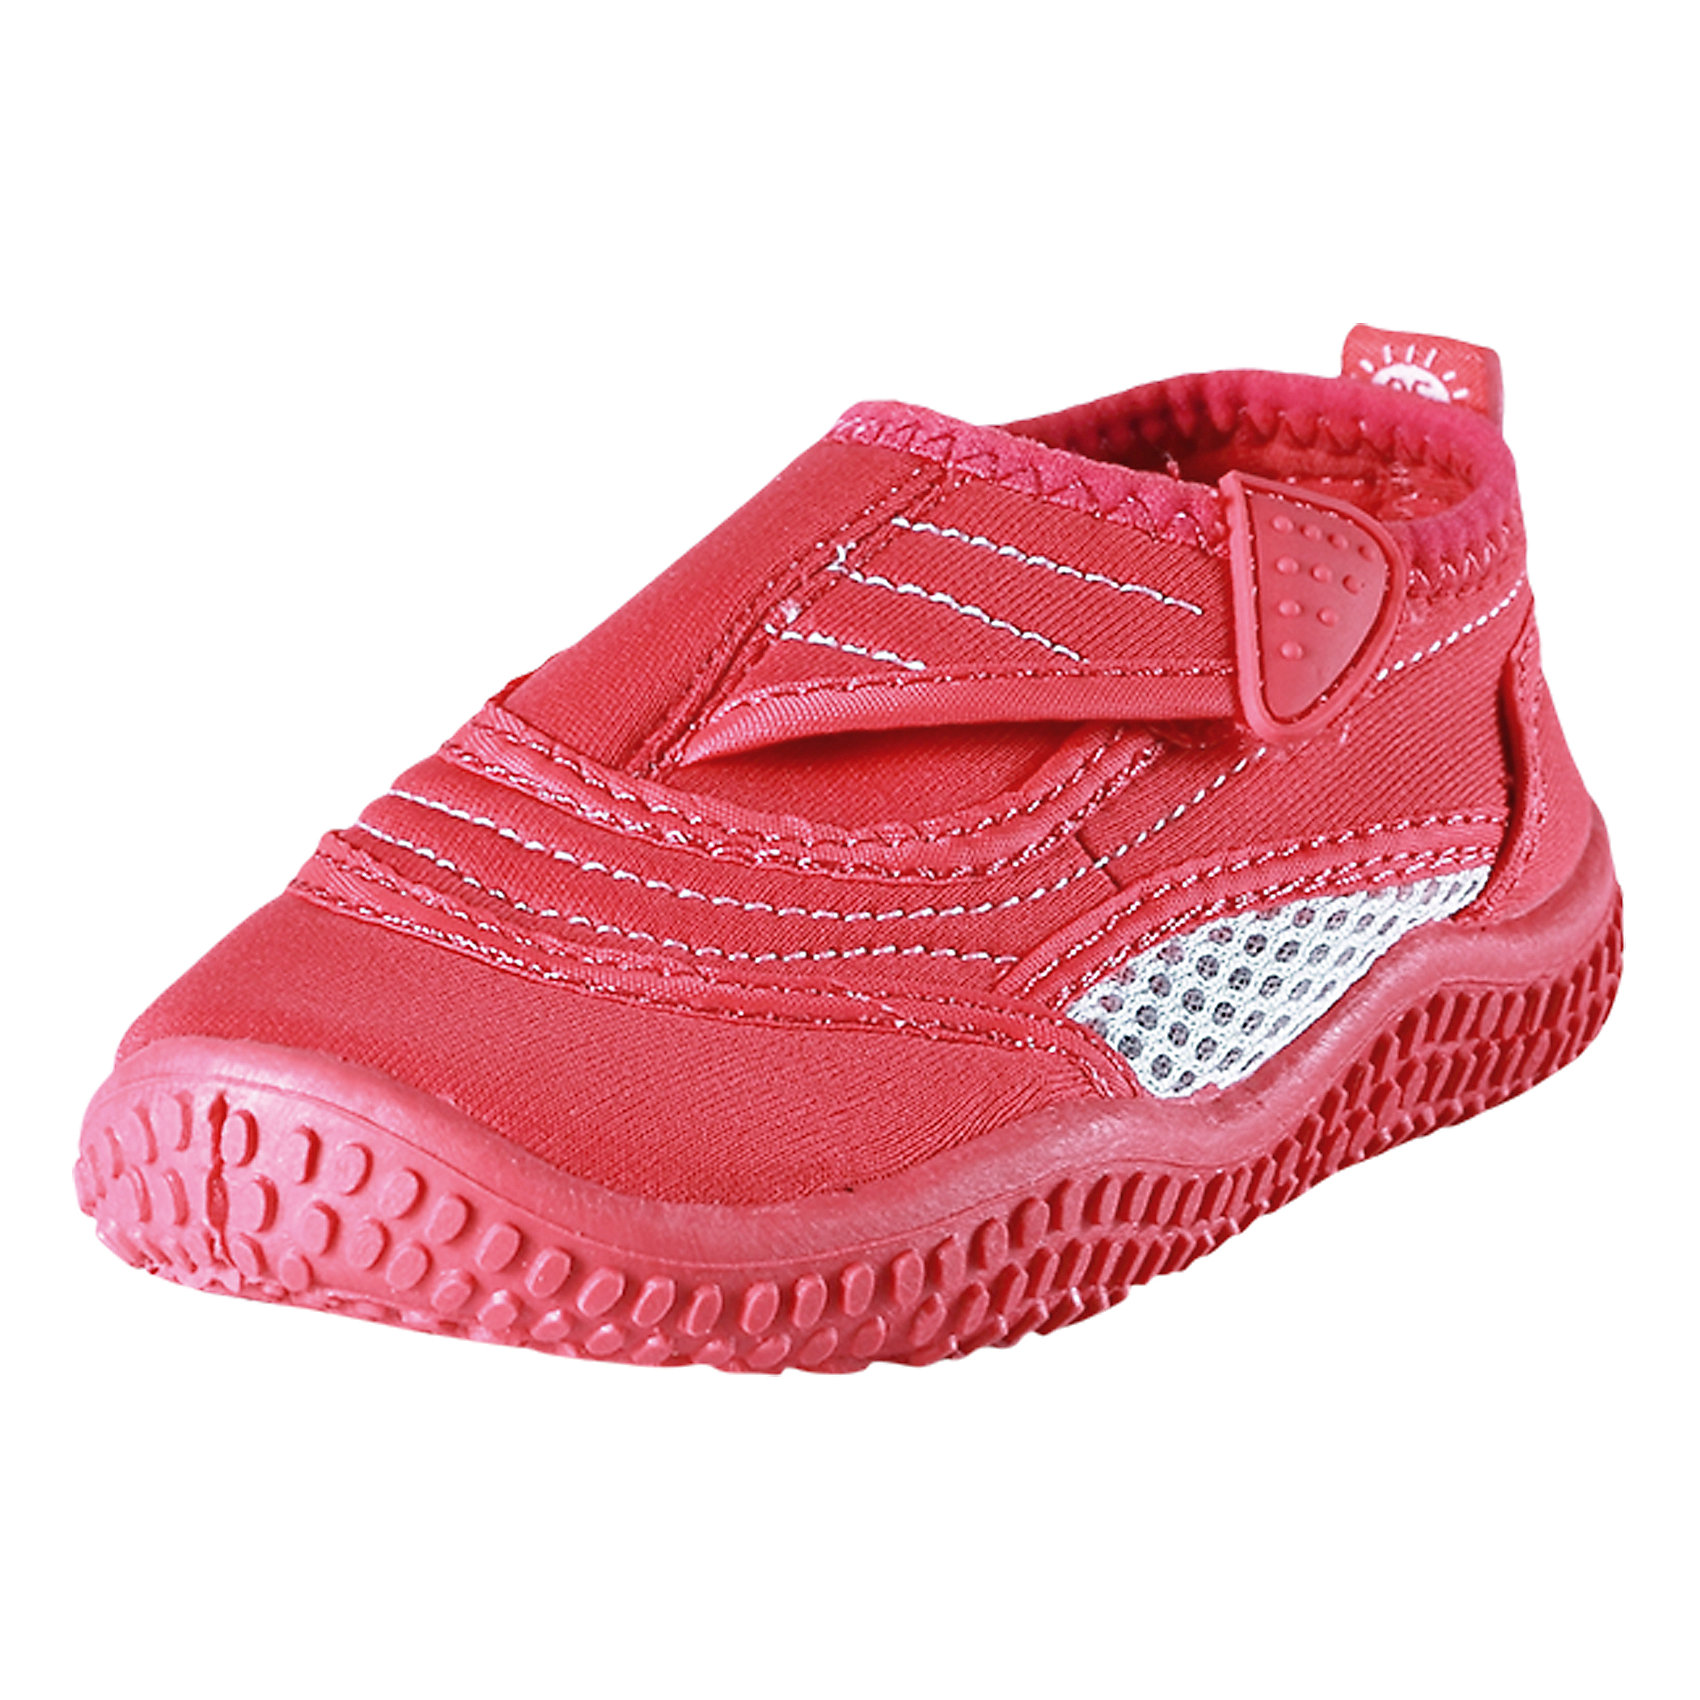 Коралловые тапочки Aqua для плавания ReimaПляжная обувь<br>Характеристики товара:<br><br>• цвет: розовый<br>• состав: верх - ПЭ, подошва - термопластичная резина<br>• застежка: липучка<br>• устойчивая легкая подошва ЭВА<br>• модель из солнцезащитного материала SunProof<br>• съемные стельки с рисунком Happy Fit, помогающие определить размер<br>• фактор защиты от ультрафиолета: 50+<br>• хорошее сцепление с поверхностью<br>• можно стирать в машине при температуре 30 °C<br>• страна производства: Китай<br>• страна бренда: Финляндия<br>• коллекция: весна-лето 2017<br><br>Детская обувь может быть модной и комфортной одновременно! Удобные стильные сандали для плавания помогут обеспечить ребенку комфорт и дополнить наряд. Они отлично смотрятся с различной одеждой. Сандали для плавания удобно сидят на ноге и аккуратно смотрятся. Легко чистятся и долго служат. Продуманная конструкция разрабатывалась специально для детей.<br><br>Одежда и обувь от финского бренда Reima пользуется популярностью во многих странах. Эти изделия стильные, качественные и удобные. Для производства продукции используются только безопасные, проверенные материалы и фурнитура. Порадуйте ребенка модными и красивыми вещами от Reima! <br><br>Сандали для плавания от финского бренда Reima (Рейма) можно купить в нашем интернет-магазине.<br><br>Ширина мм: 227<br>Глубина мм: 145<br>Высота мм: 124<br>Вес г: 325<br>Цвет: розовый<br>Возраст от месяцев: 96<br>Возраст до месяцев: 108<br>Пол: Женский<br>Возраст: Детский<br>Размер: 32,24,38,27,25,37,30,26,28,29,31,35,34,33,36<br>SKU: 5266965